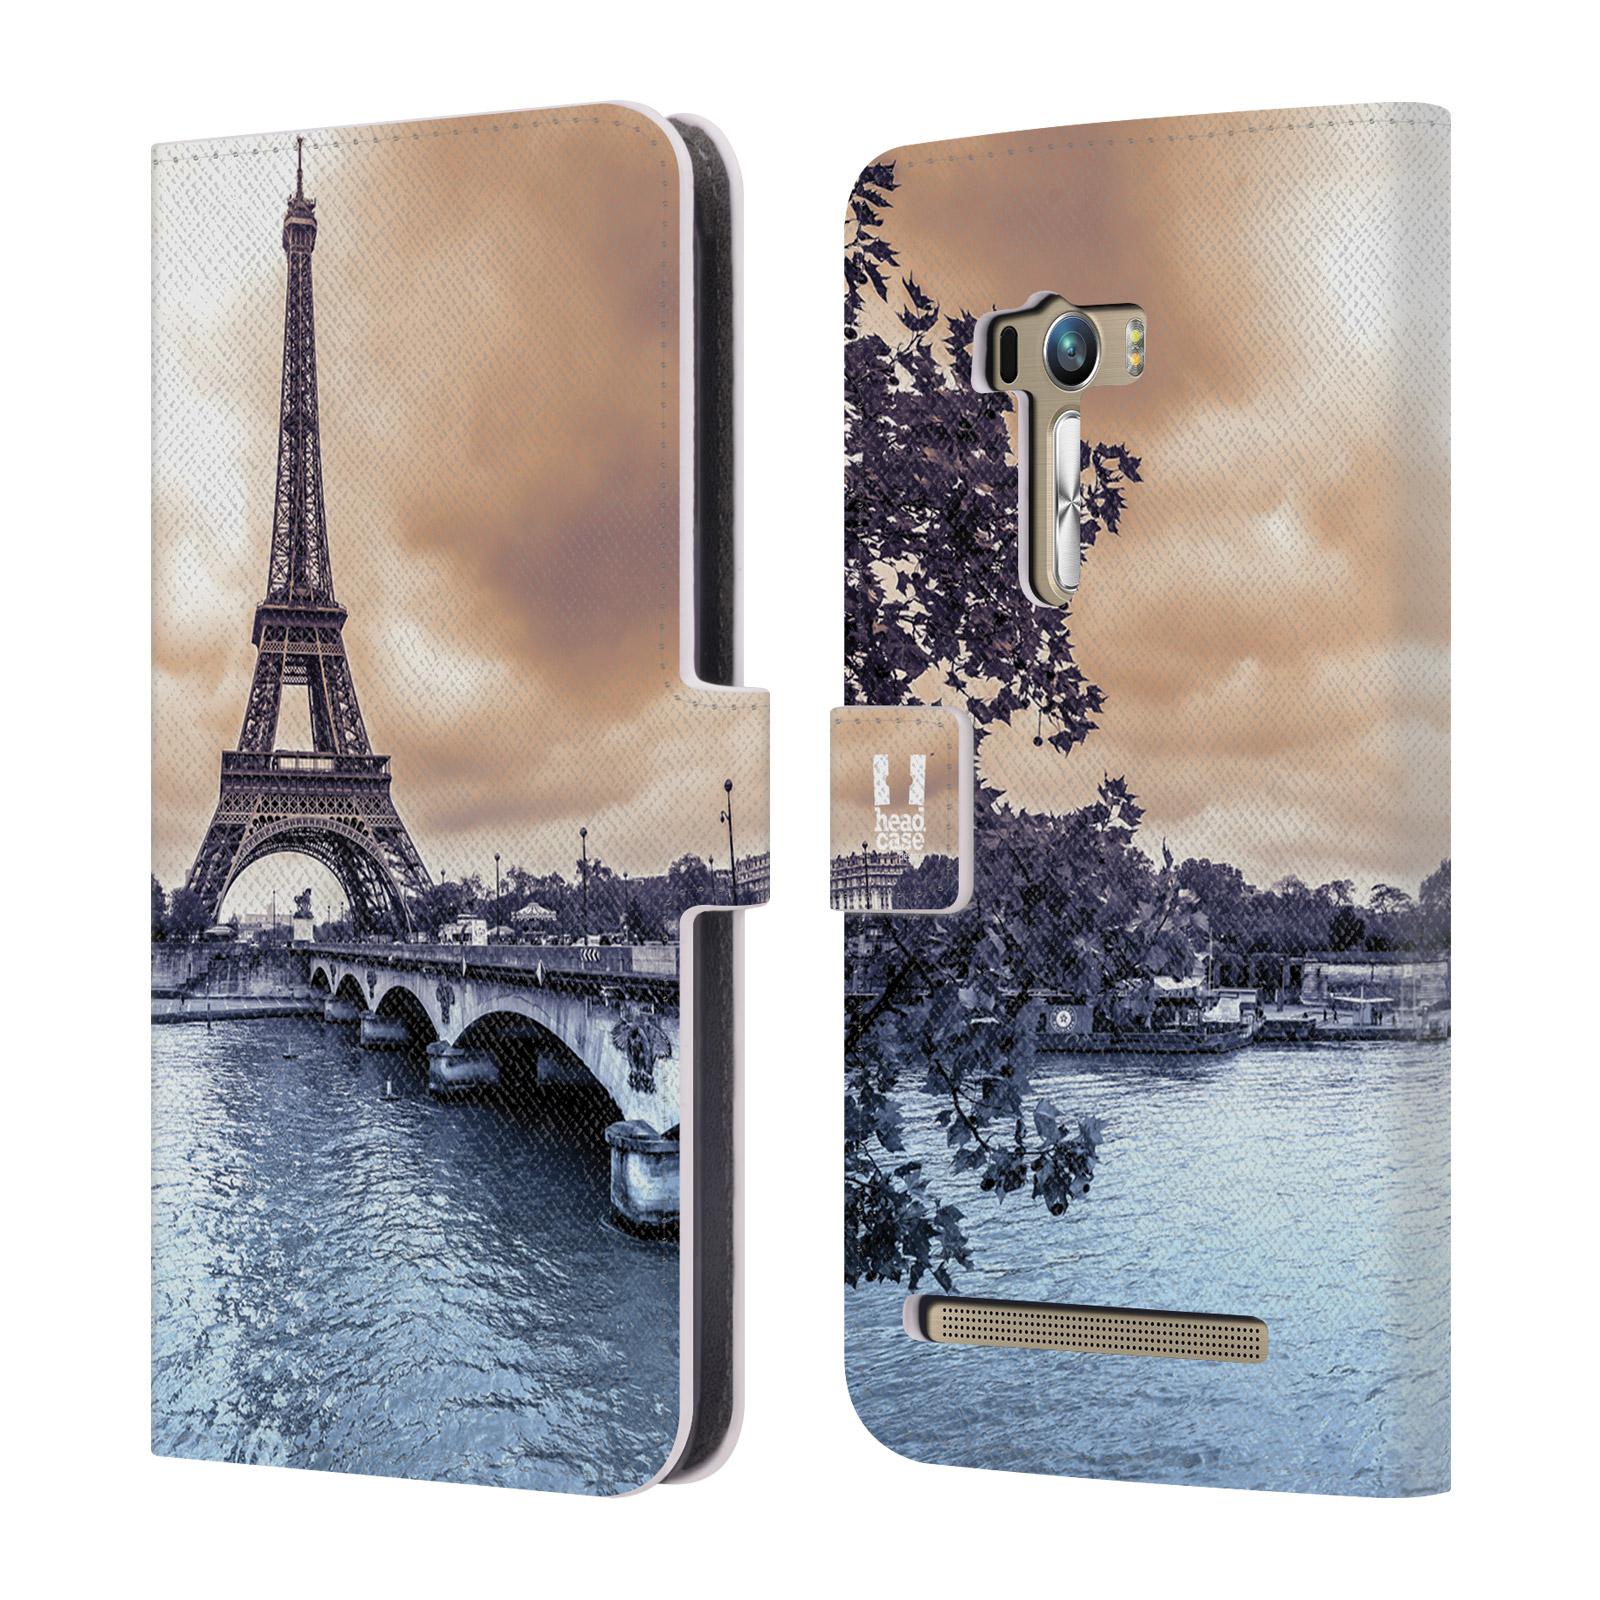 Flipové pouzdro na mobil Asus Zenfone Selfie ZD551KL HEAD CASE Paříž (Flipový vyklápěcí kryt či obal z umělé kůže na mobilní telefon Asus Zenfone Selfie ZD551KL)